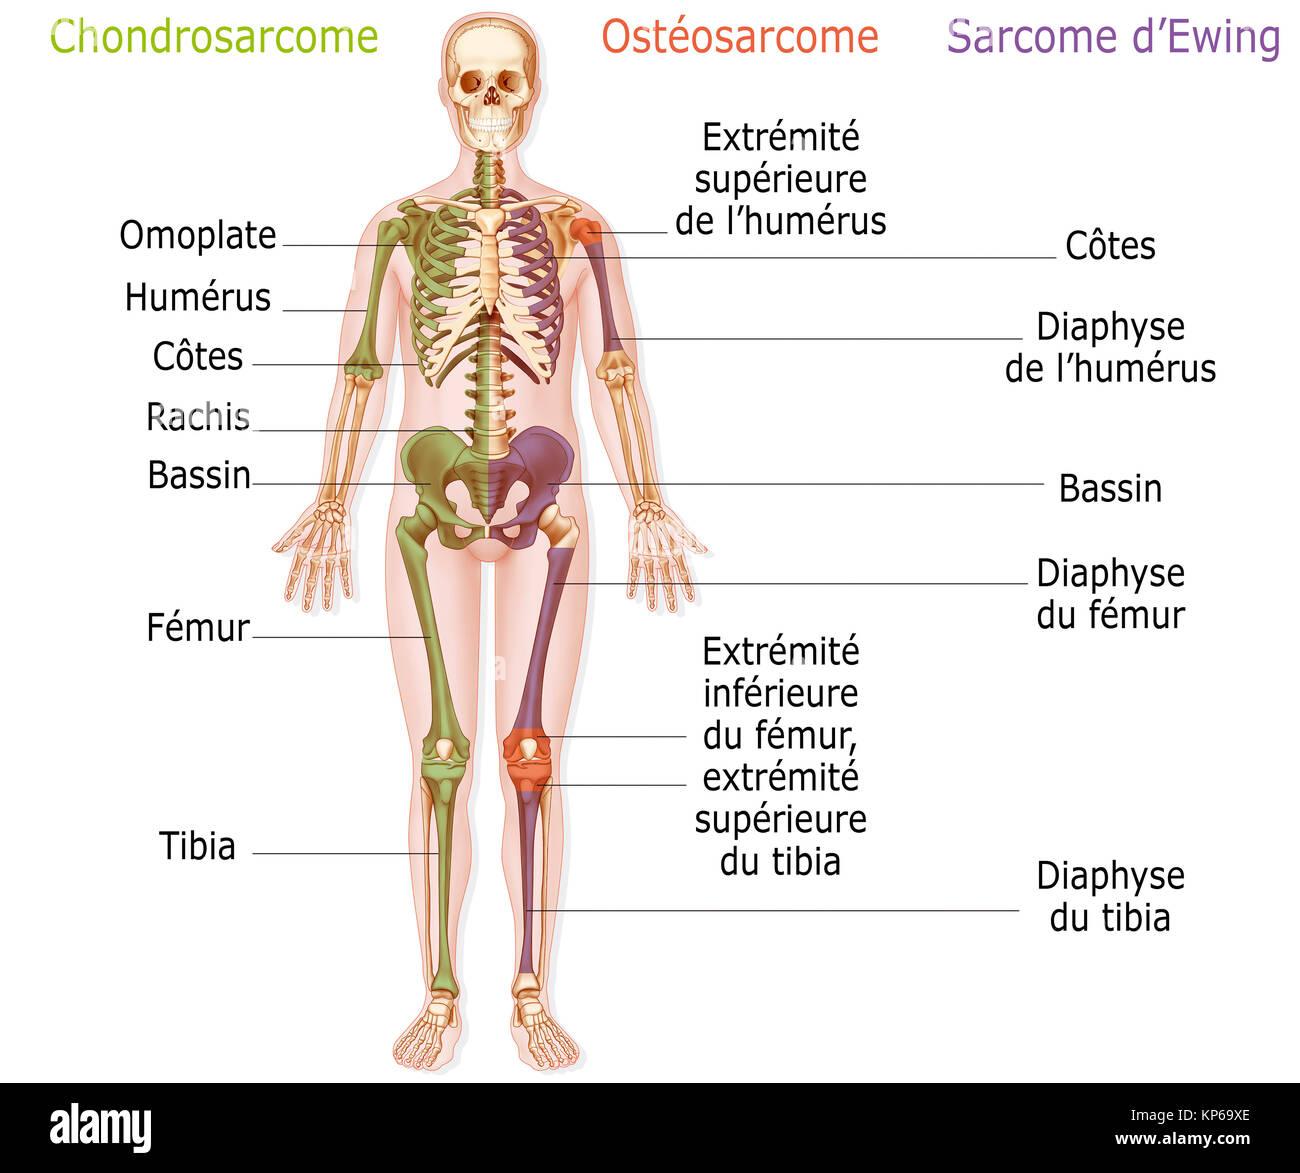 BONE CANCER ILLUSTRATION - Stock Image